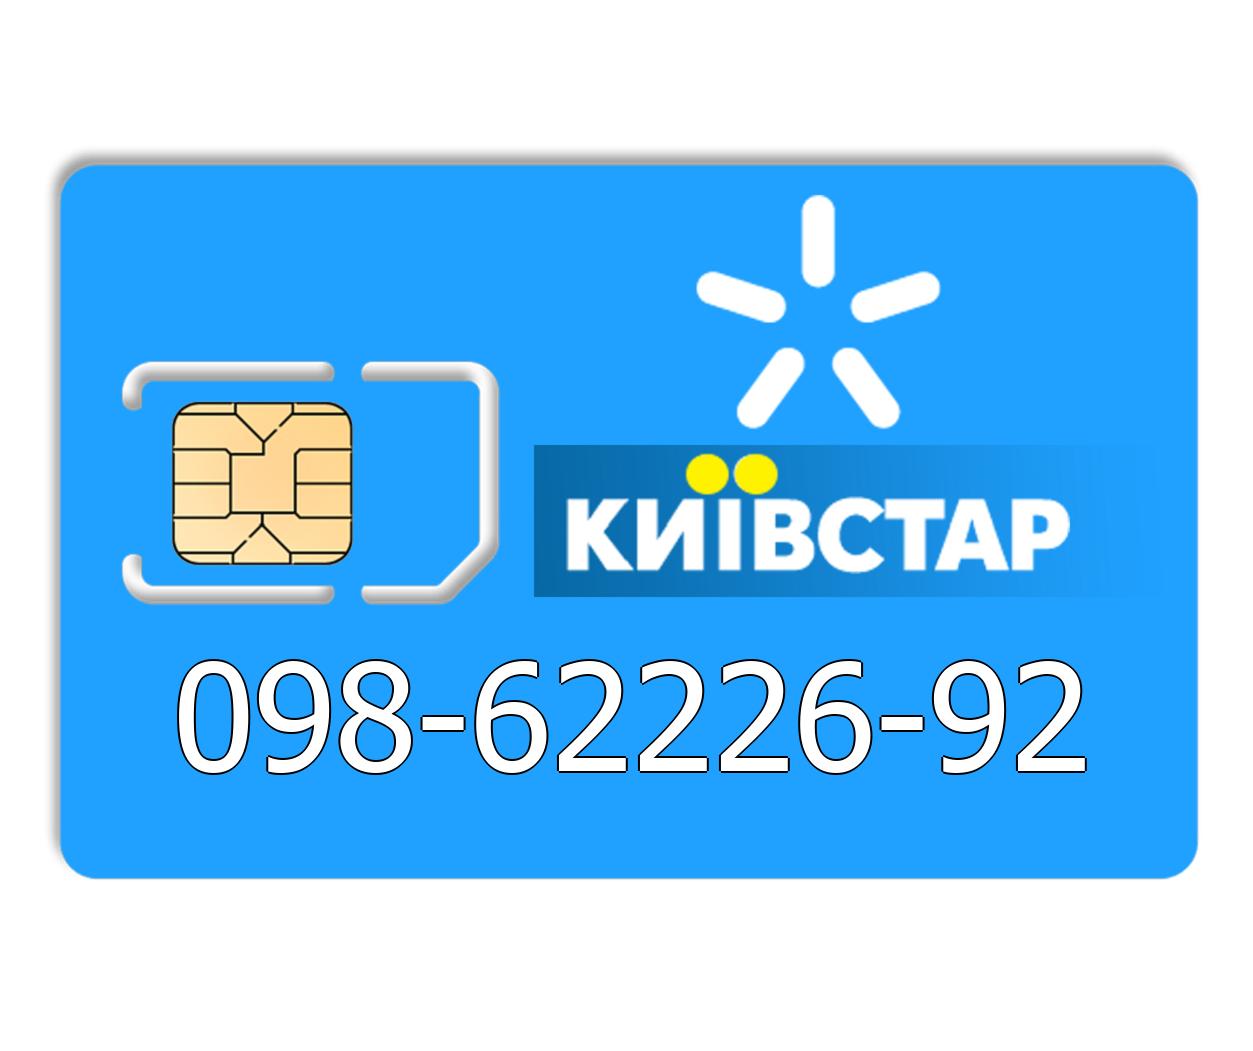 Красивый номер Киевстар 098-62226-92